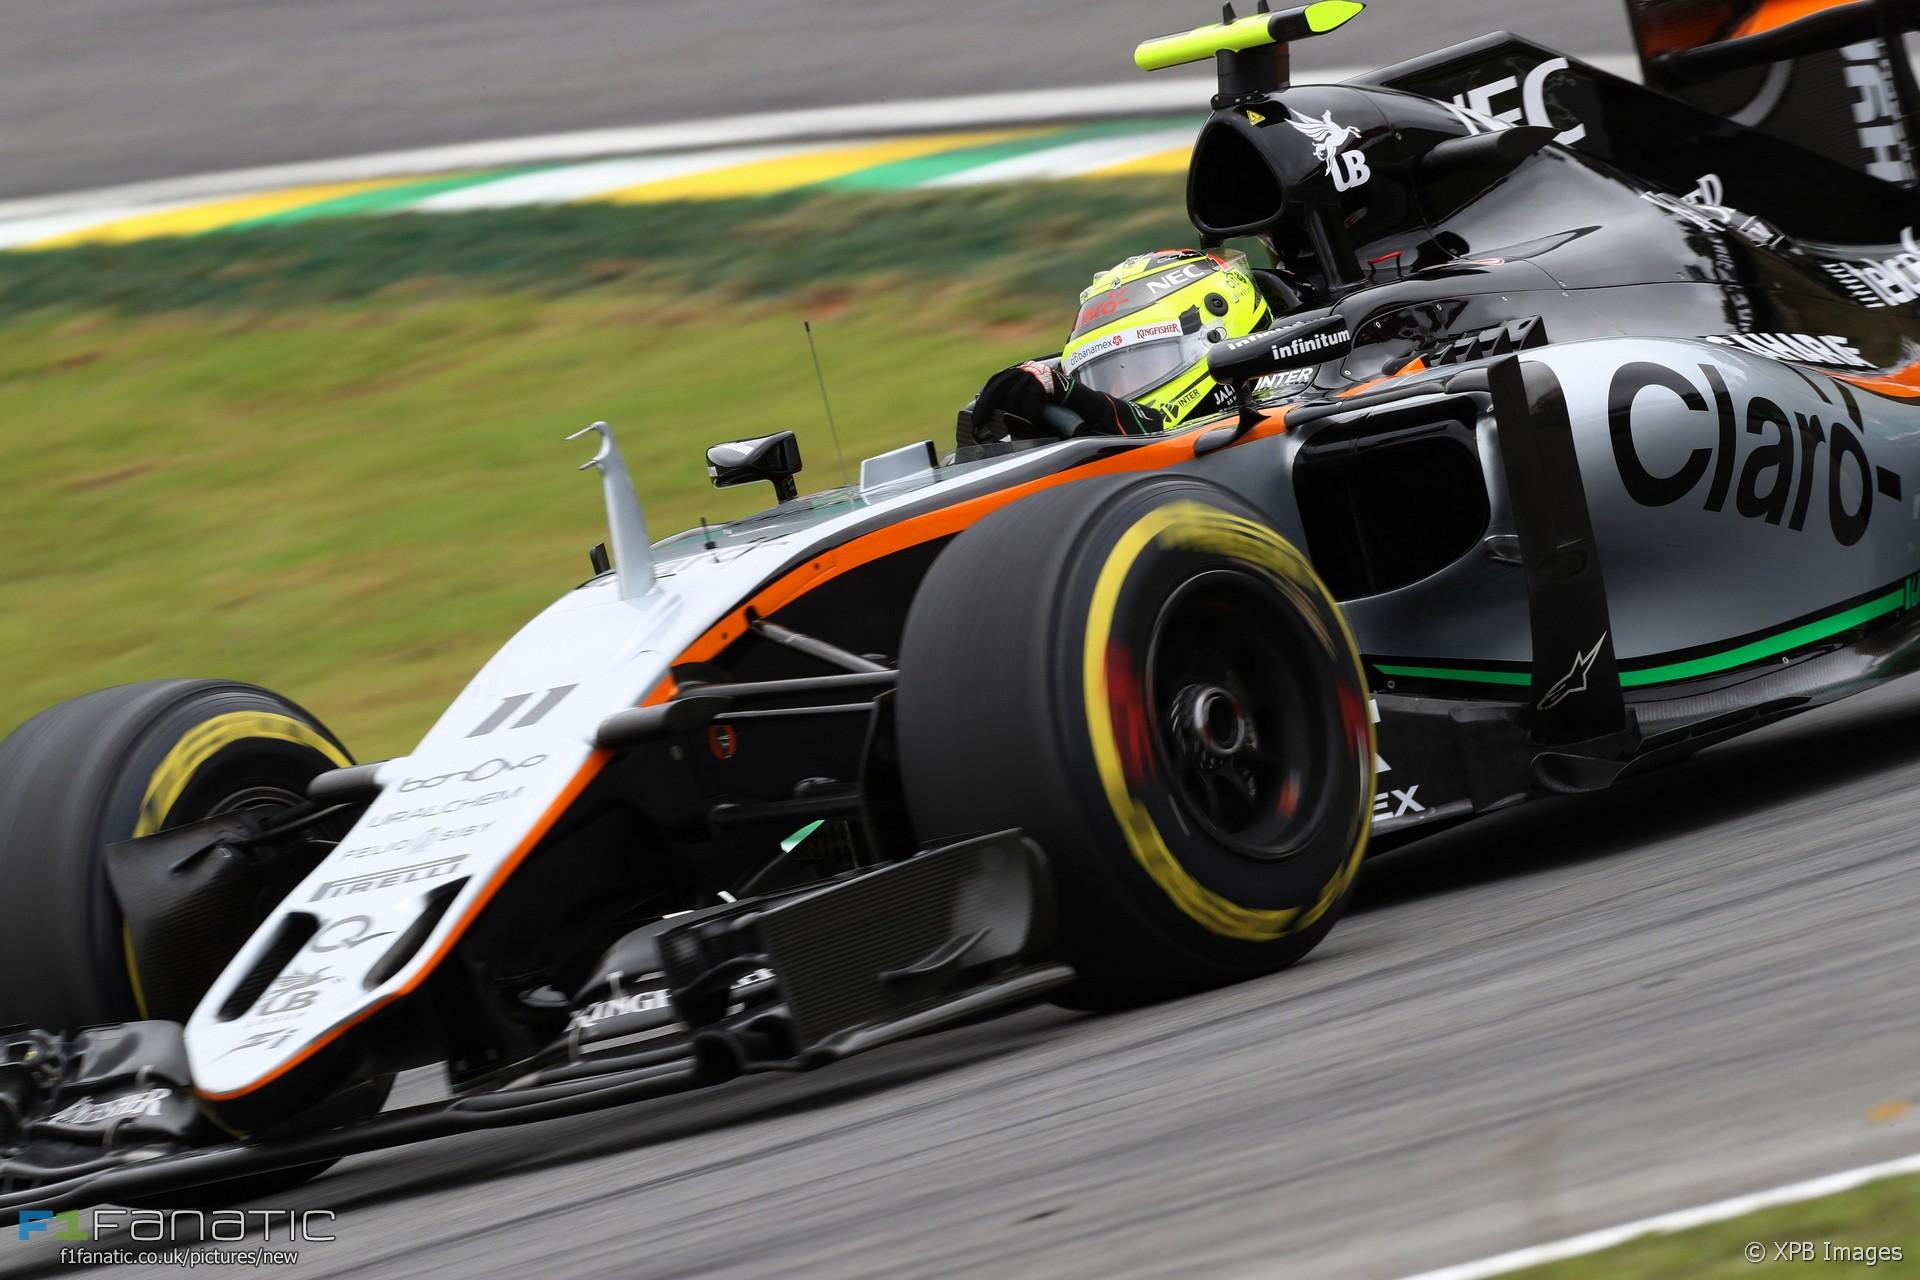 Sergio Perez Force India Interlagos 2016 F1 Fanatic